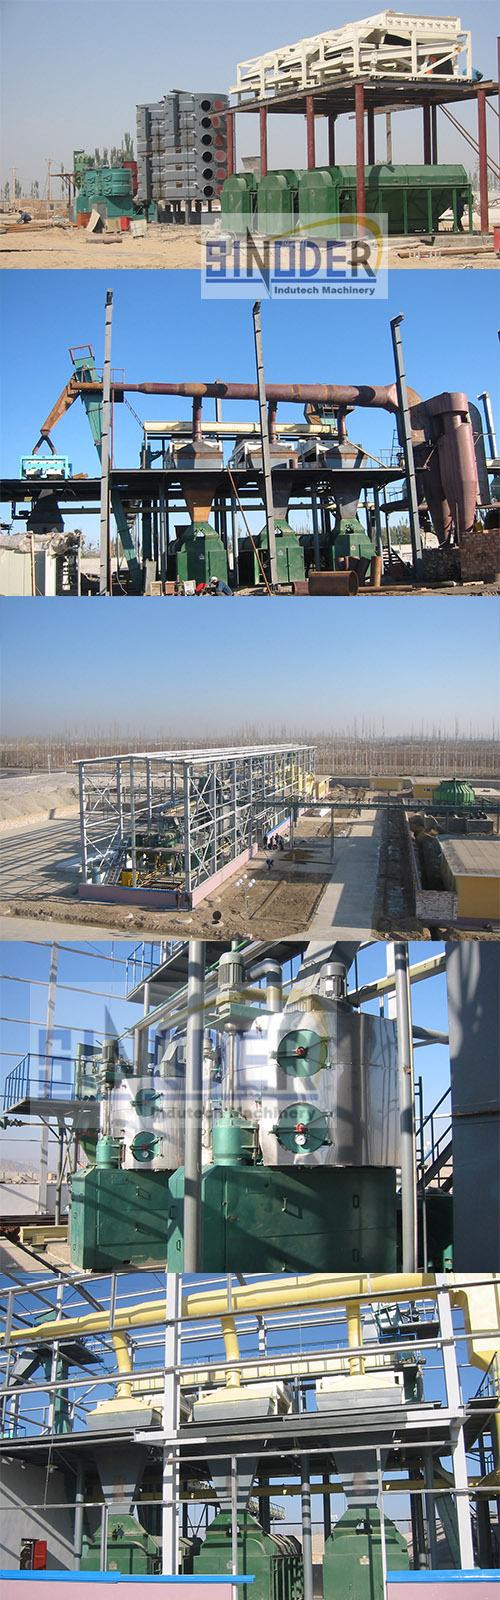 ... Crude Palm Oil Refining Machine,Crude Palm Oil Refining Machine,Crude